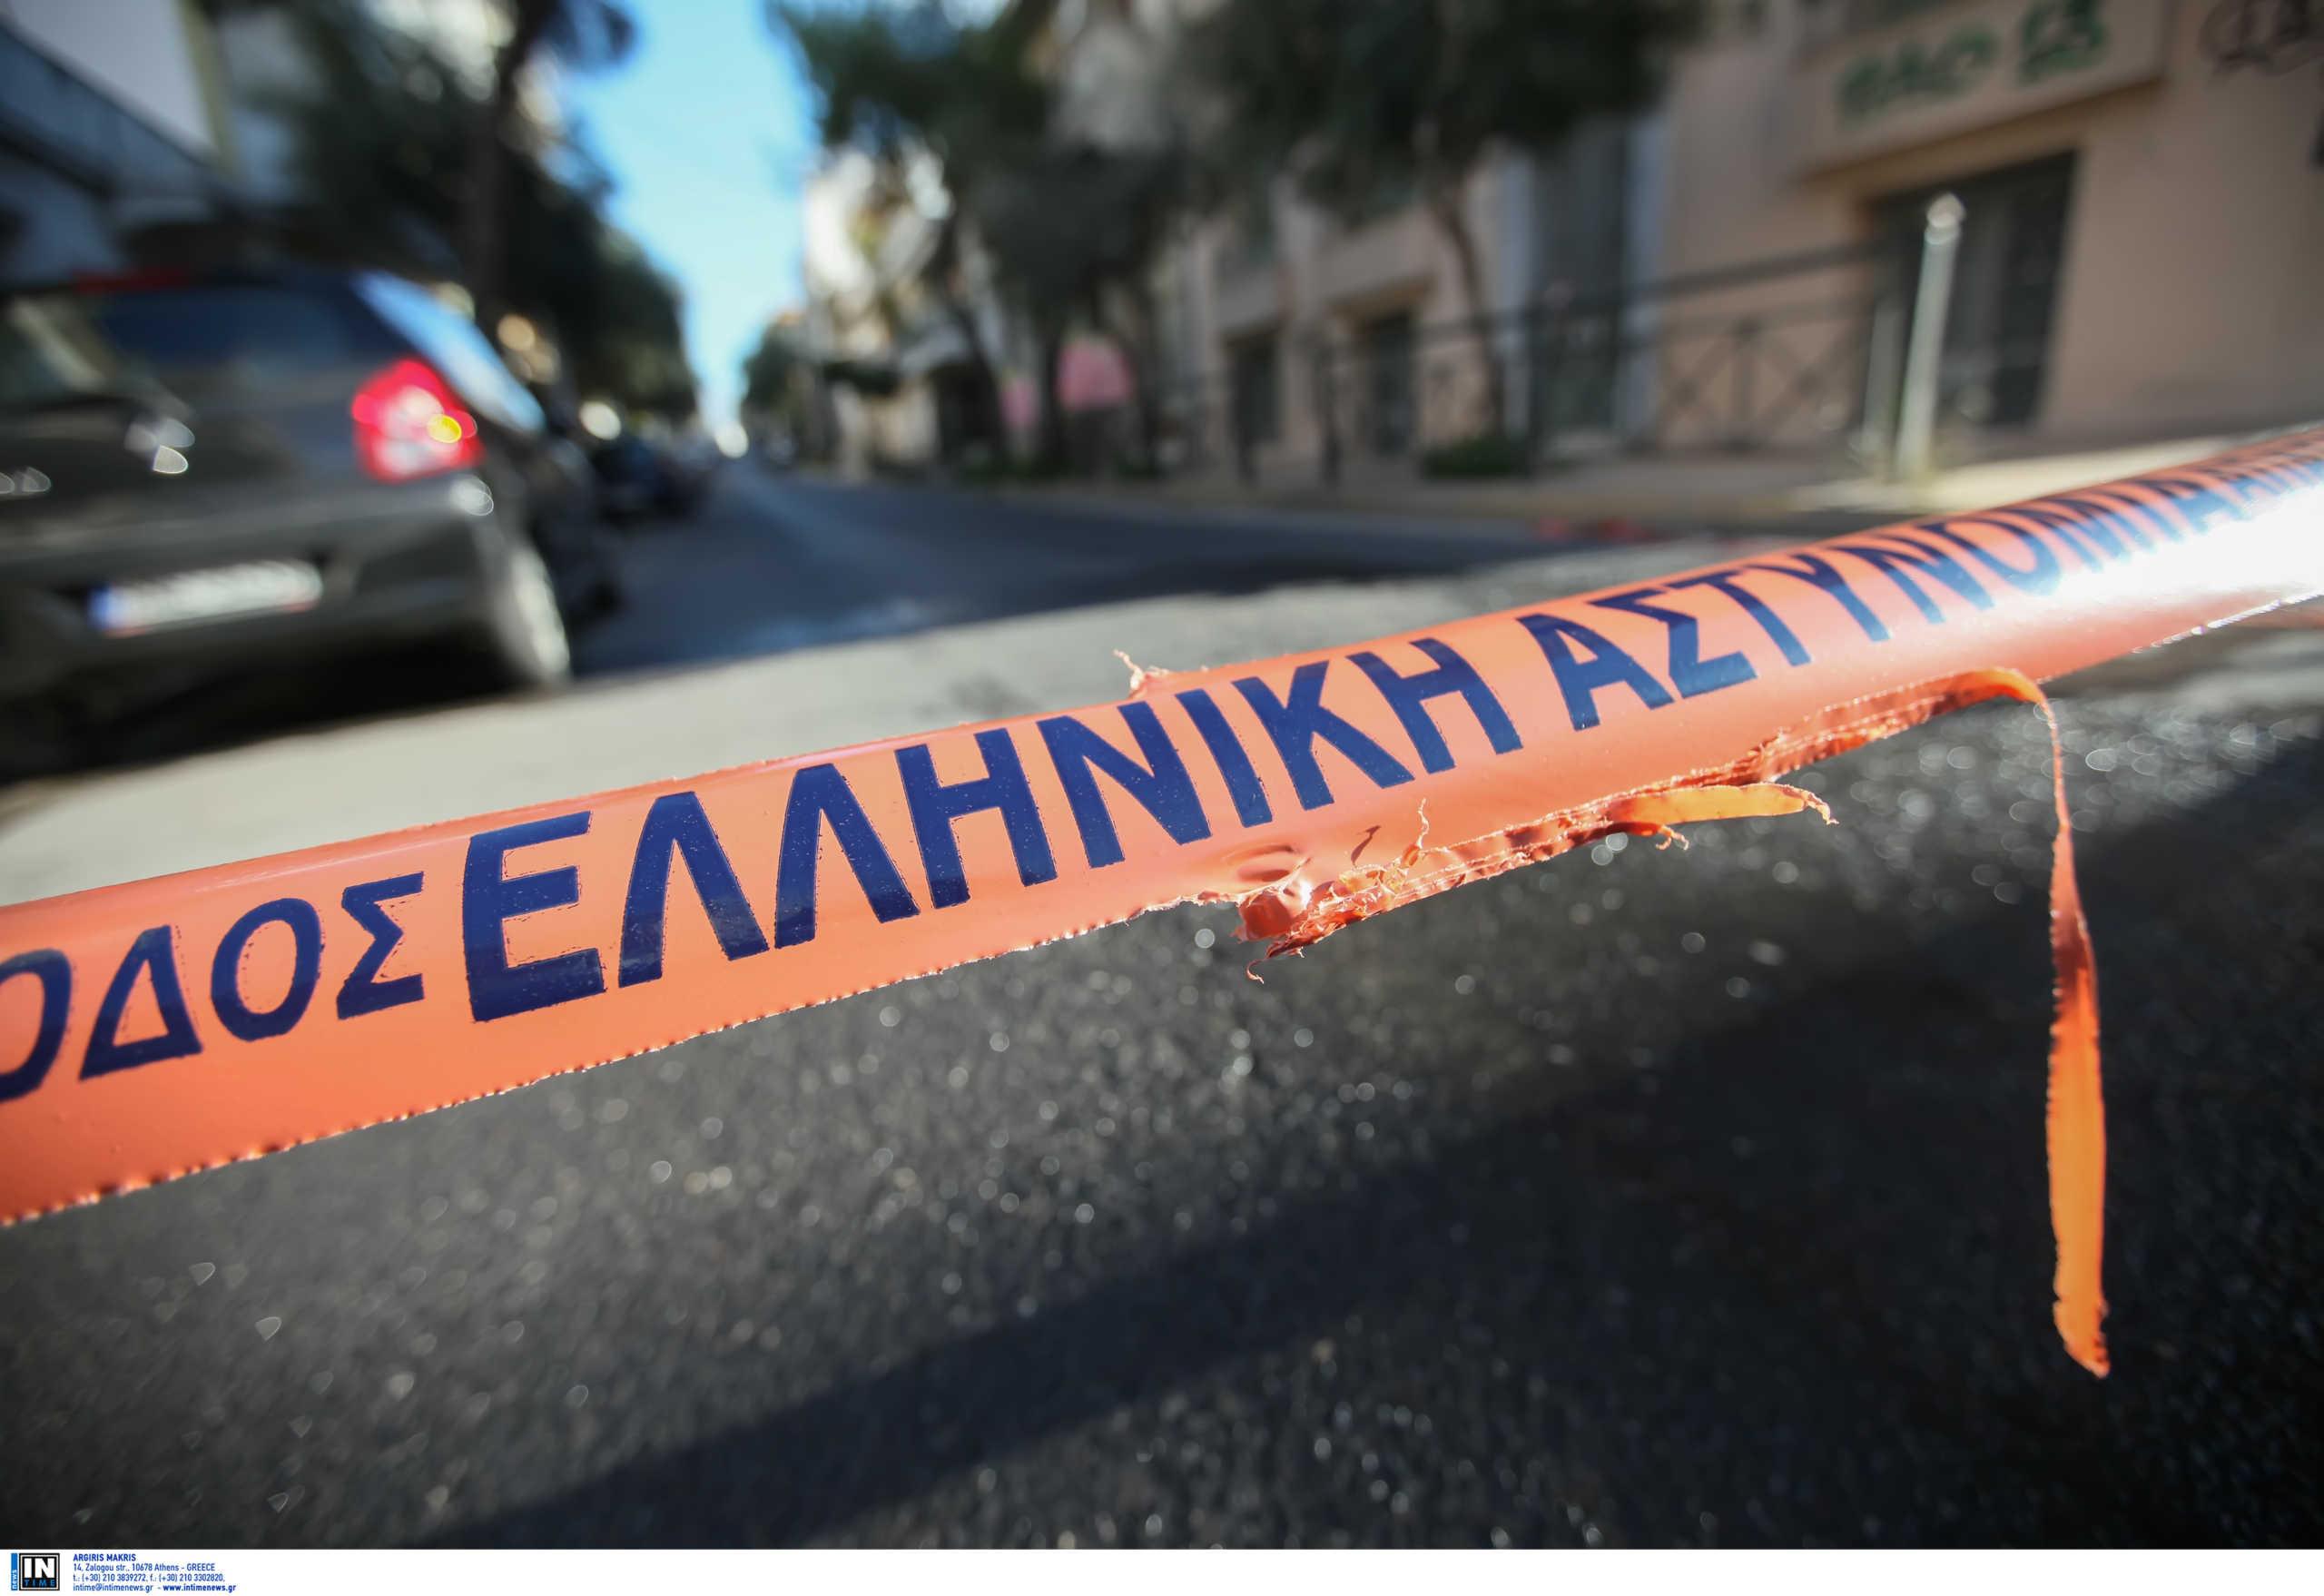 Νέα στοιχεία για τον πιστολέρο αστυνομικό του Χολαργού! Σφαίρα καρφώθηκε στη θέση του συνοδηγού